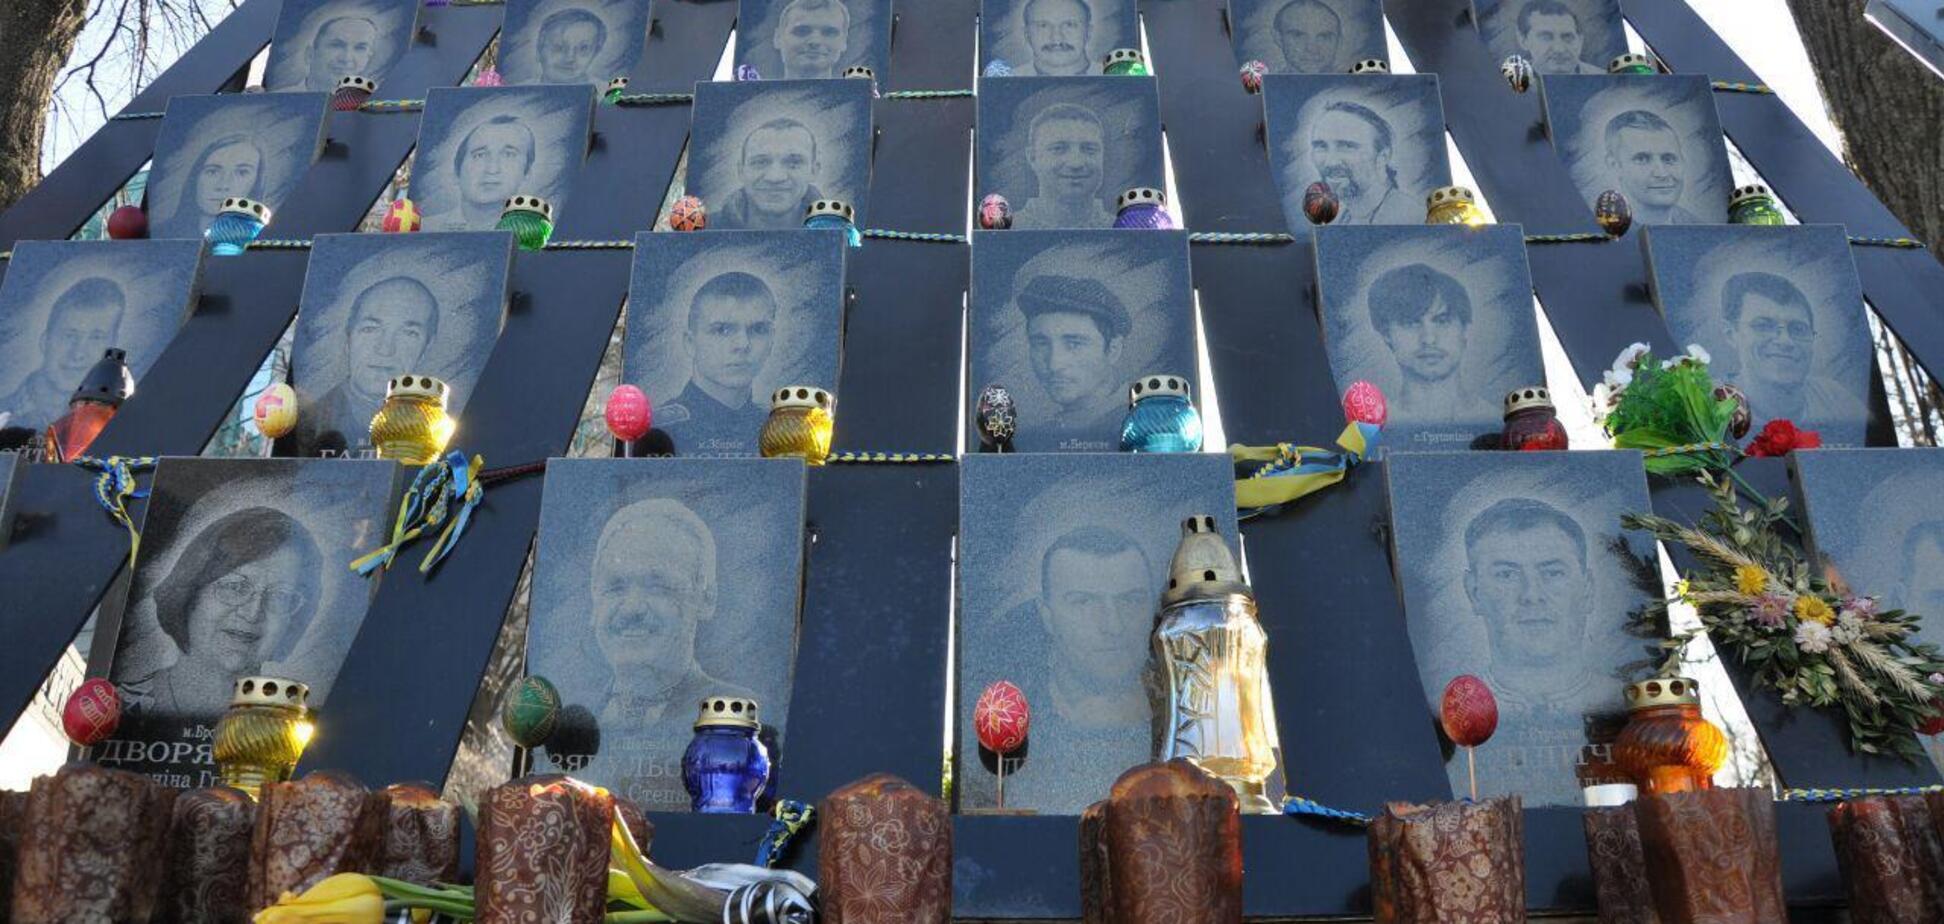 Студент из Донецка помочился на портреты Небесной Сотни по заказу – журналист